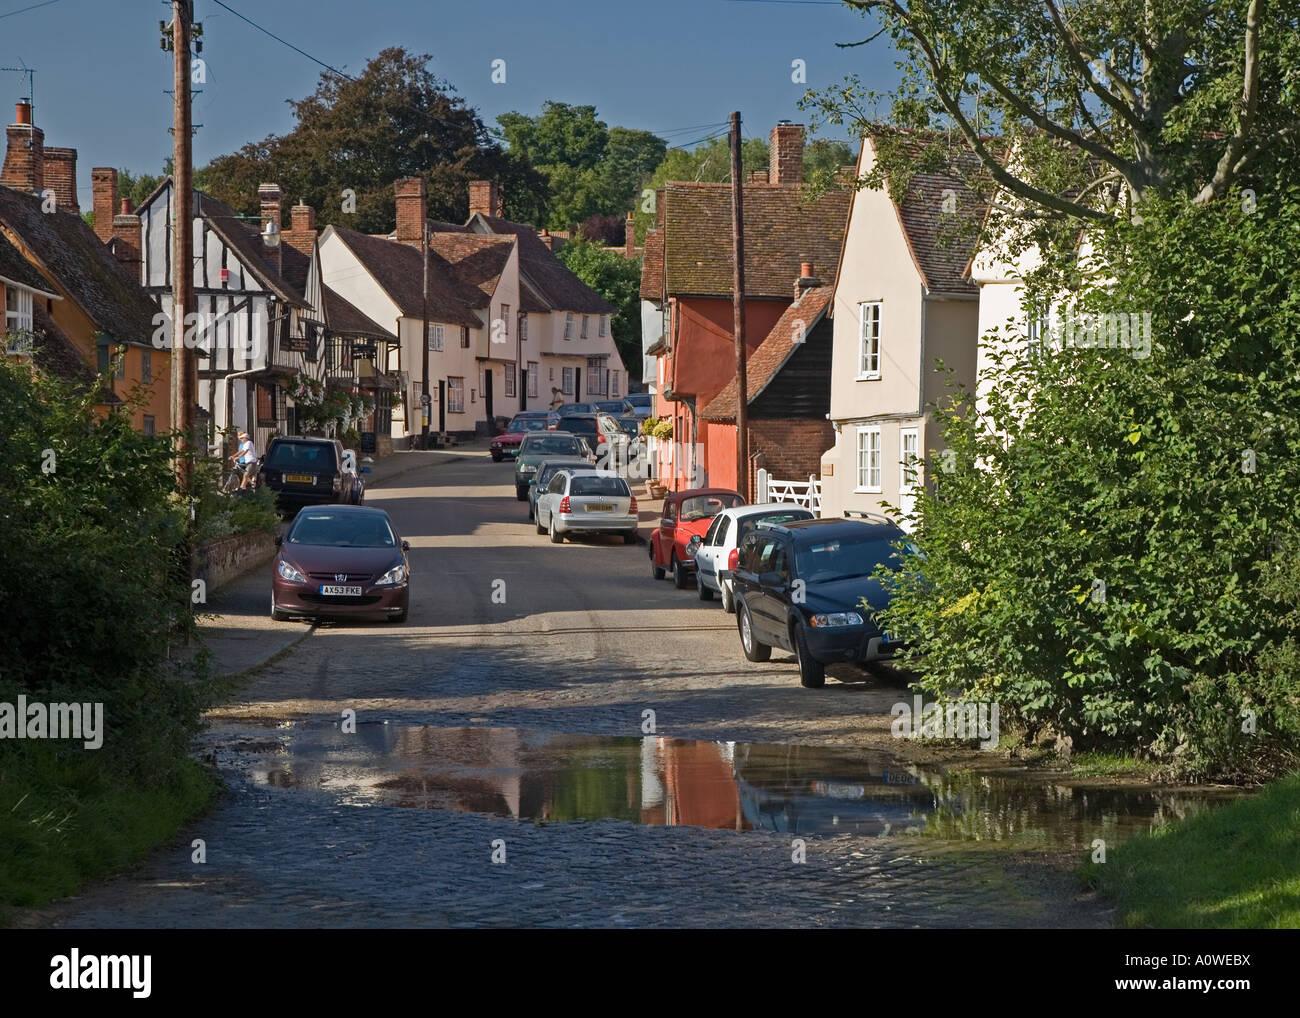 Kersey village, Suffolk. - Stock Image